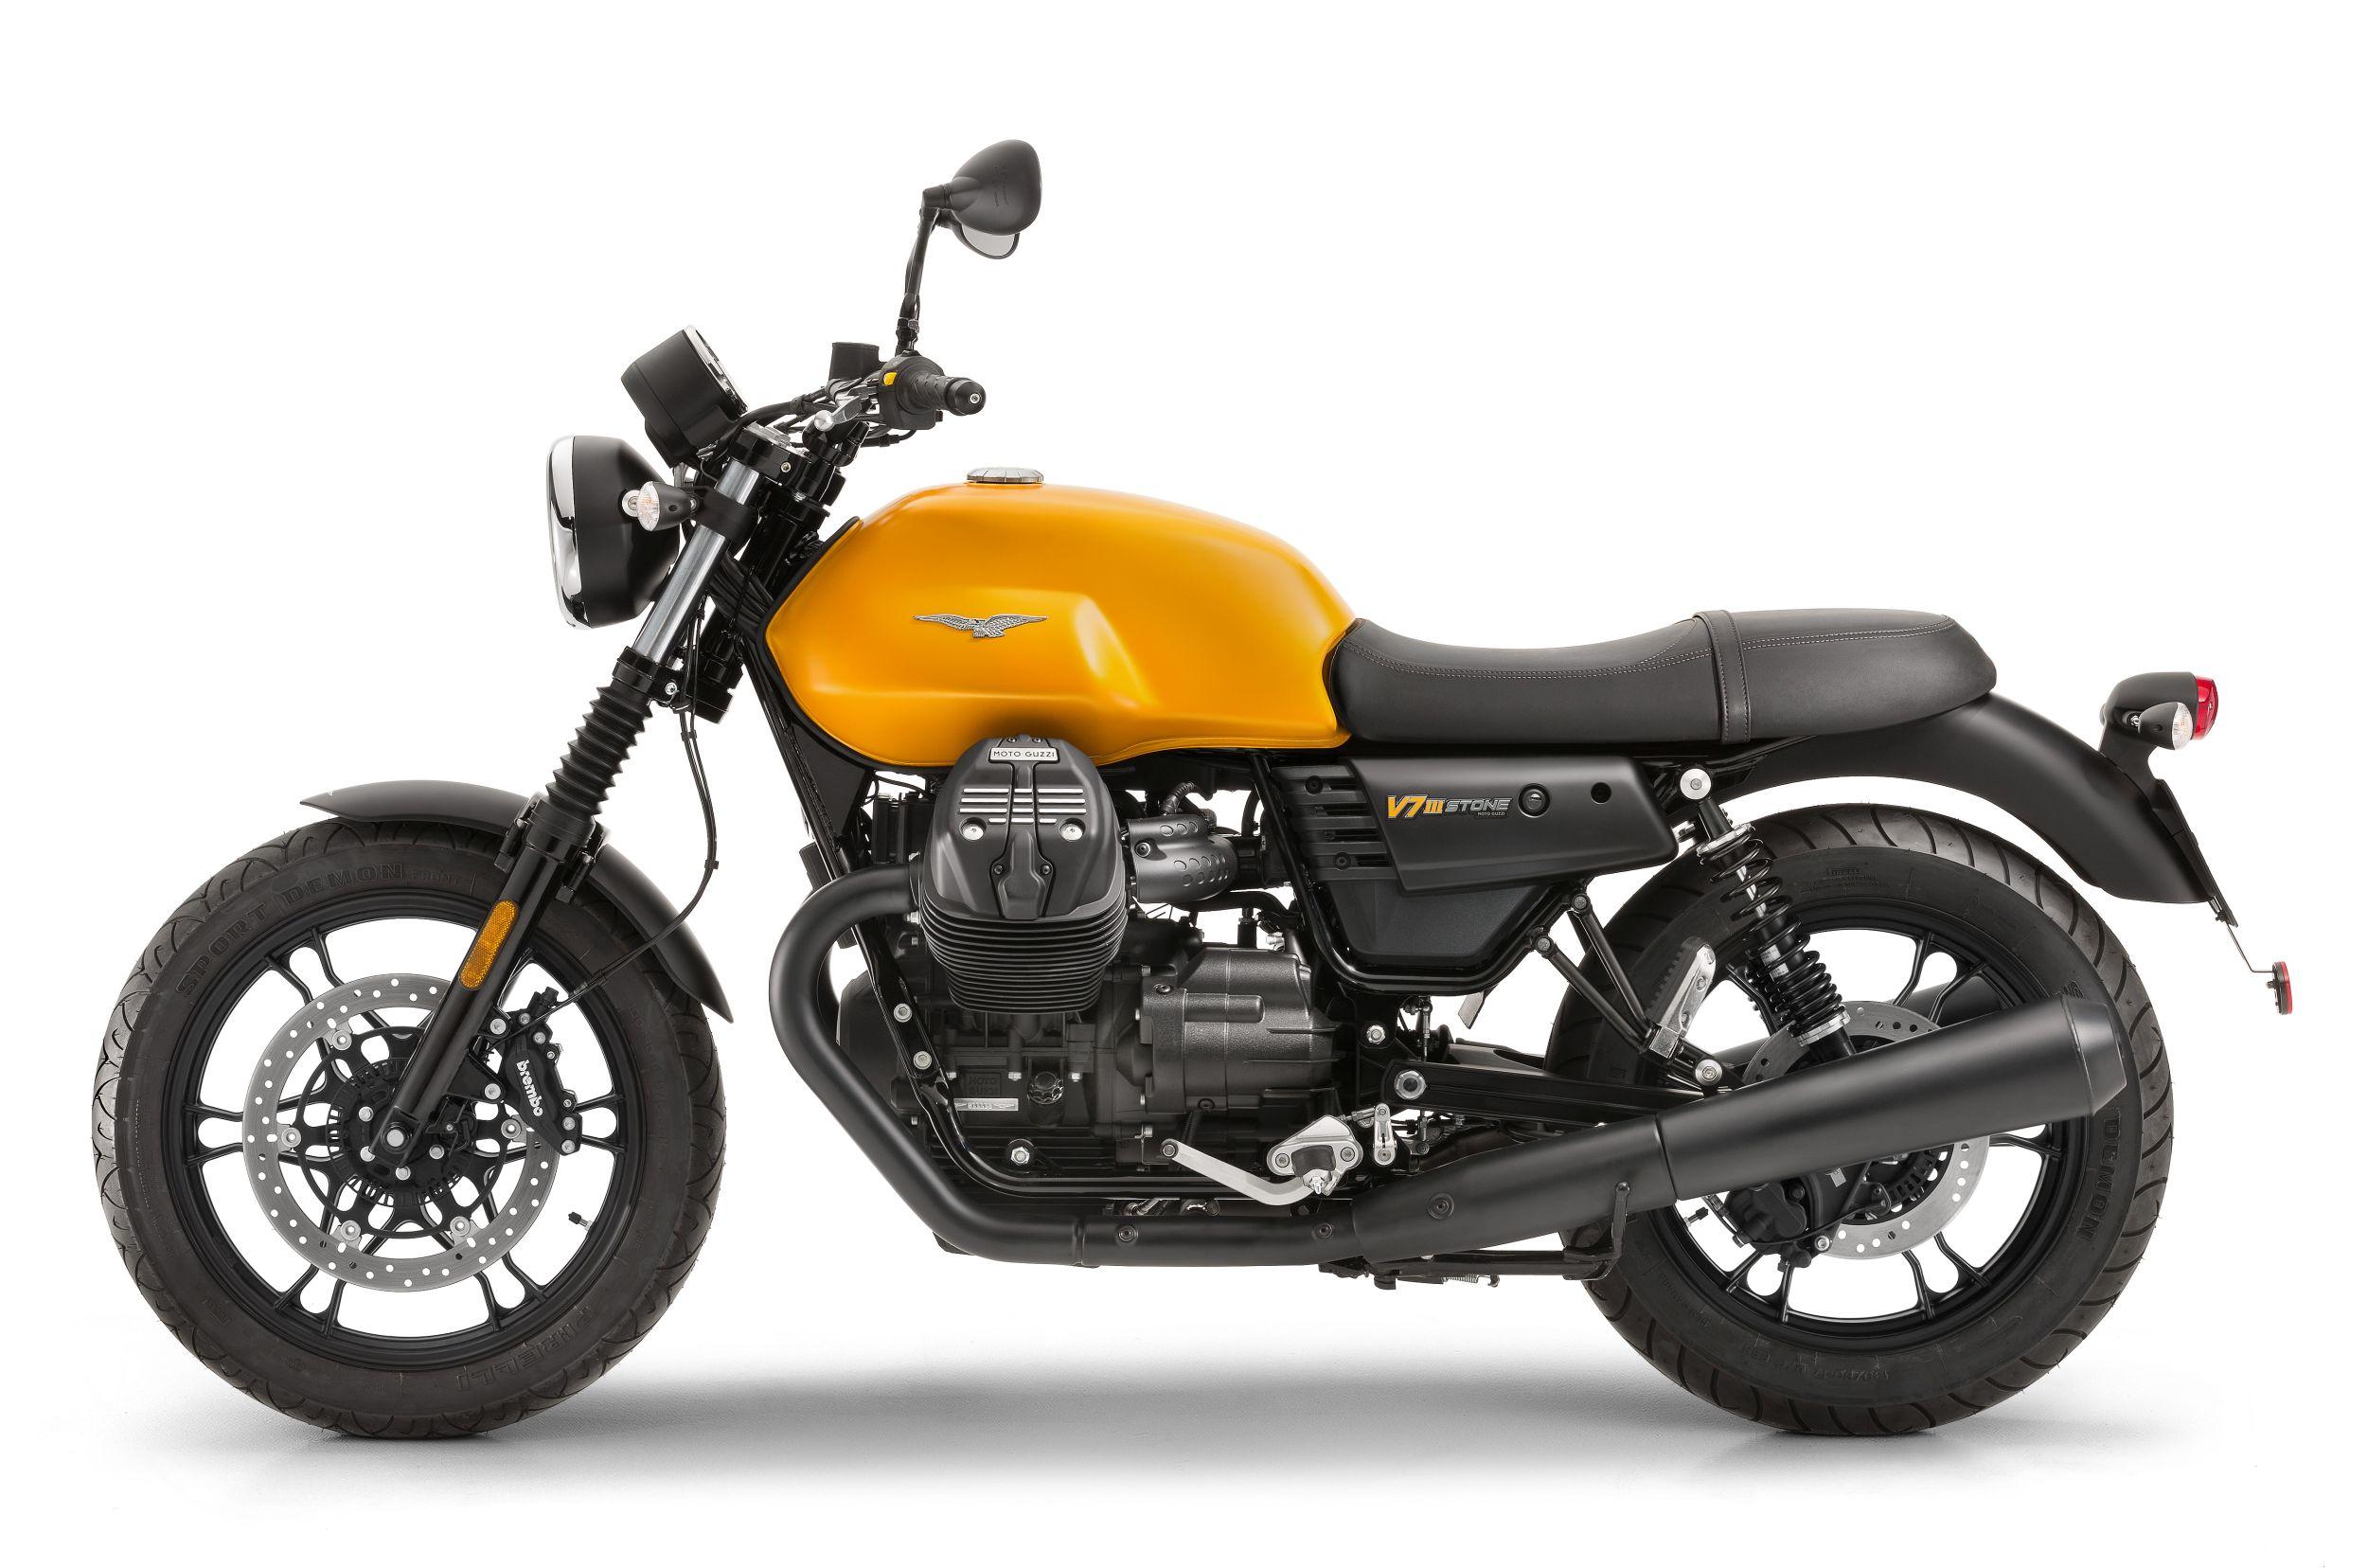 gebrauchte moto guzzi v7 iii stone motorr der kaufen. Black Bedroom Furniture Sets. Home Design Ideas